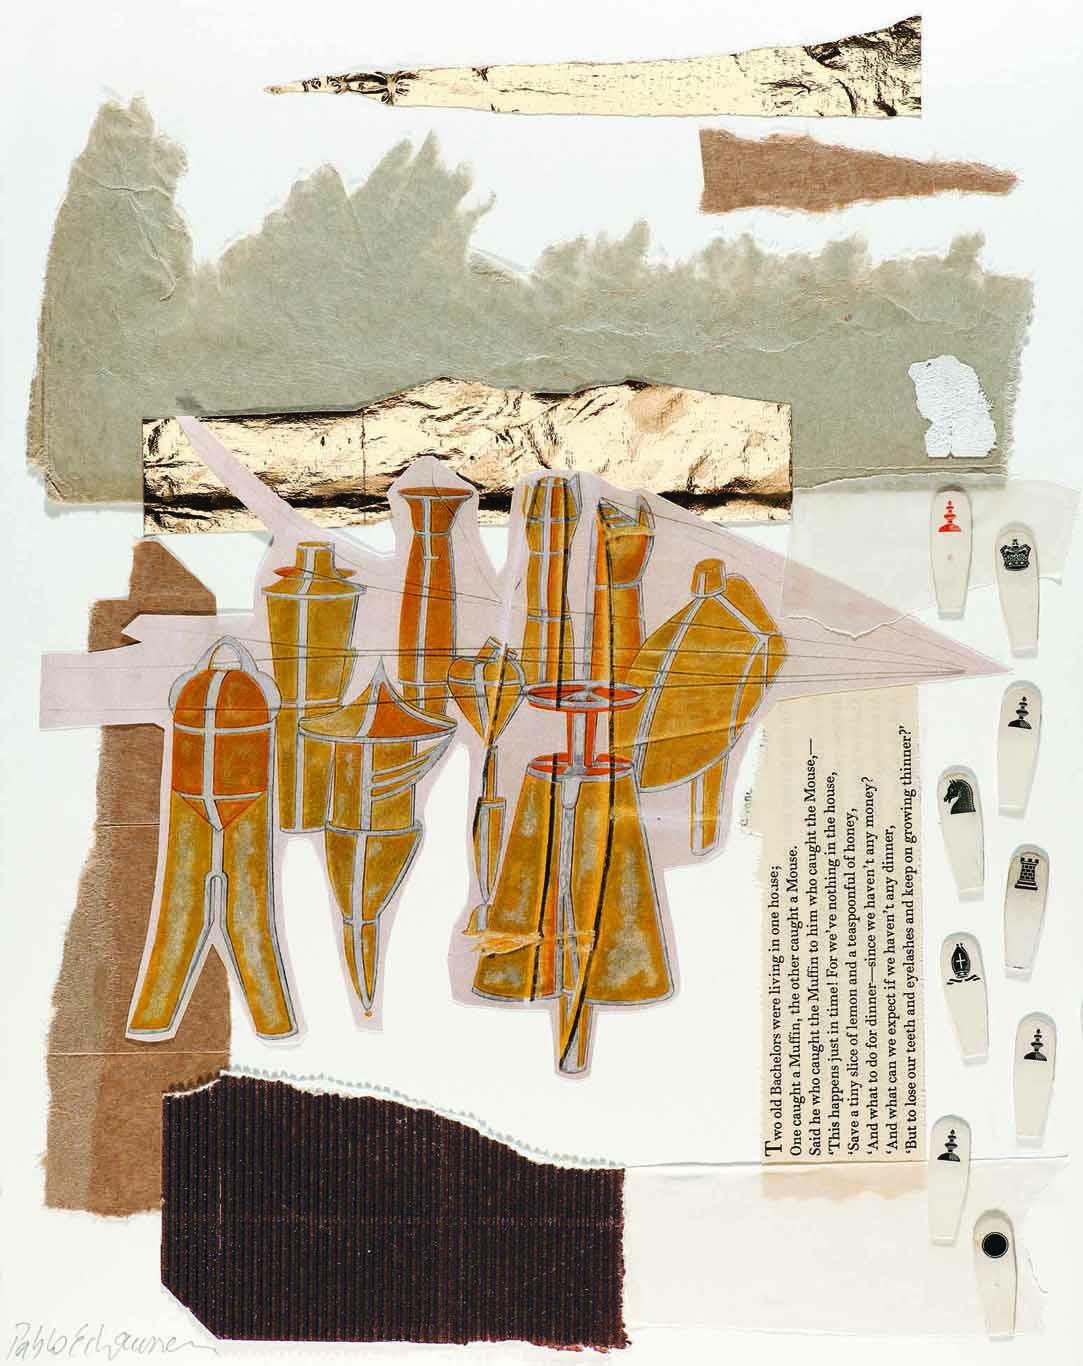 Pablo Echaurren, The golden bachelors, 2016, collage, 35,5 x 28 cm